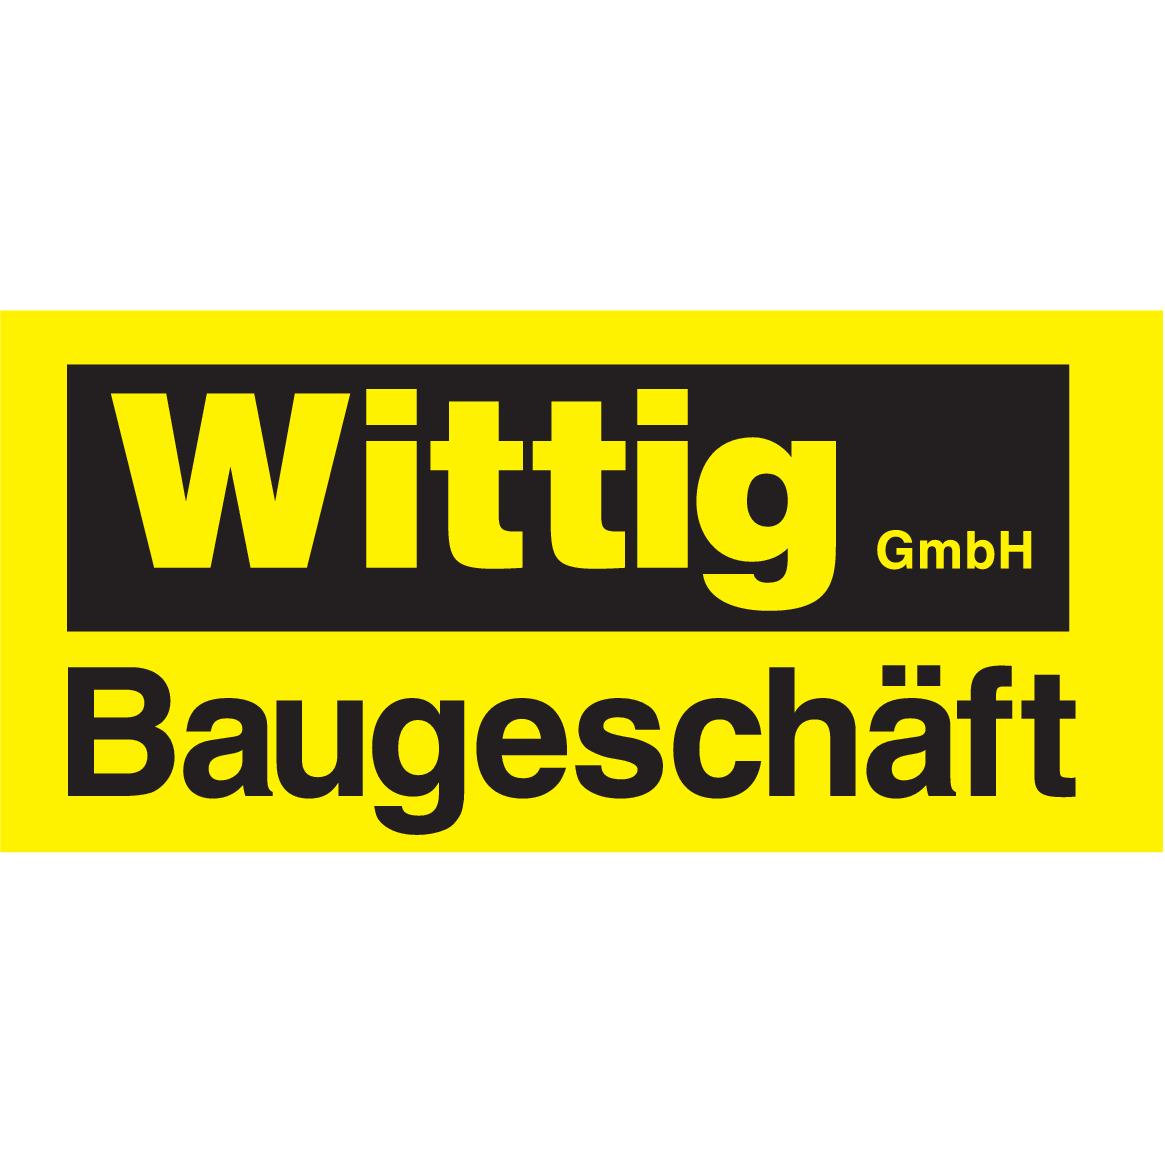 Baugeschäft Wittig GmbH